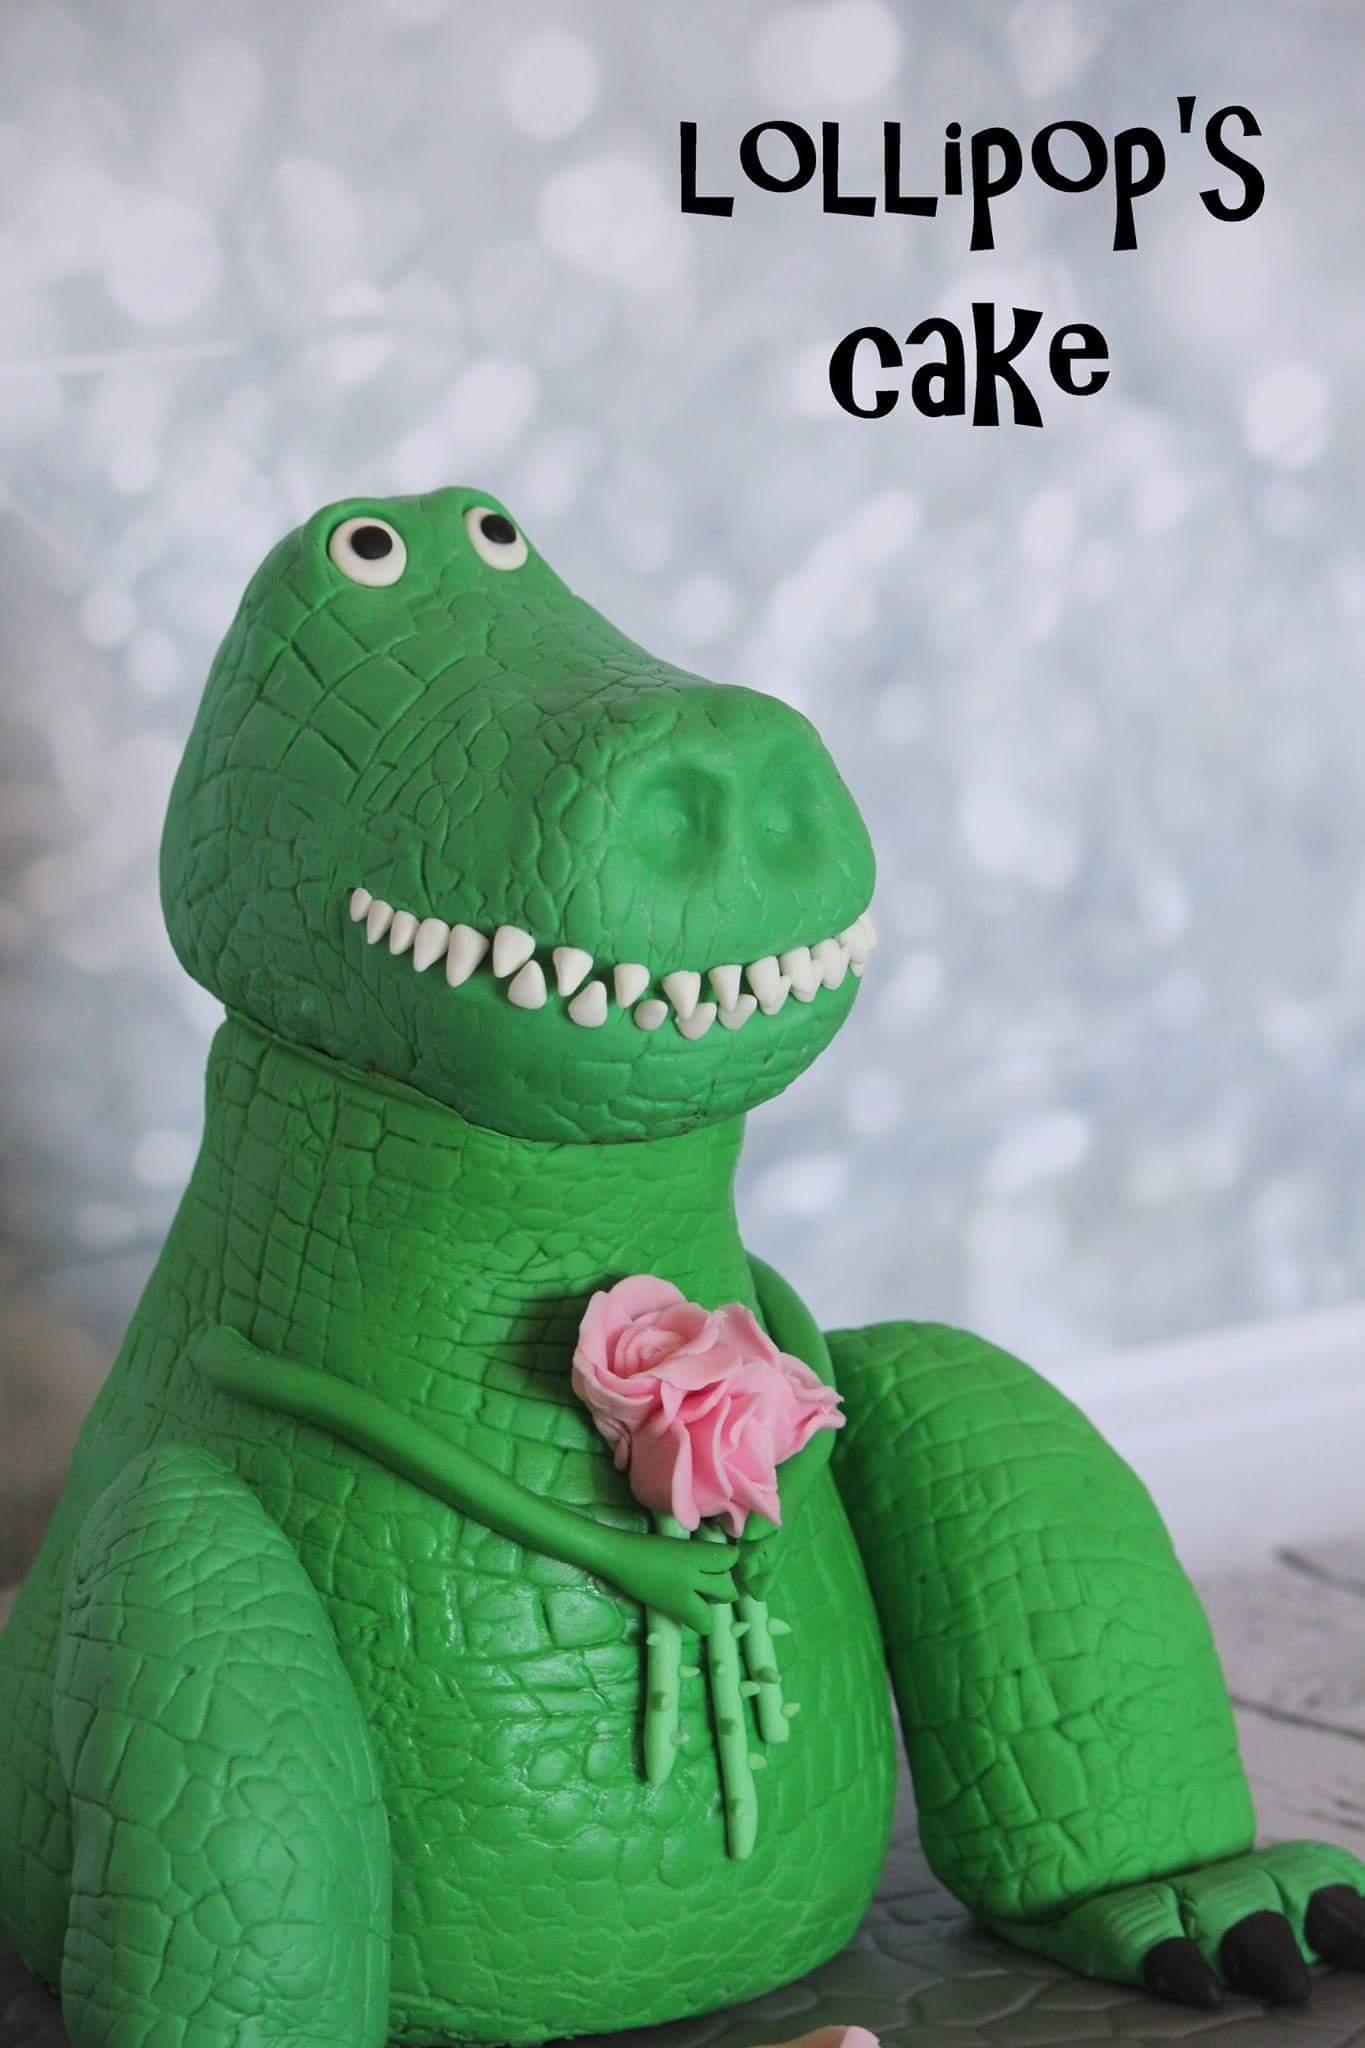 Le t-rex romantique